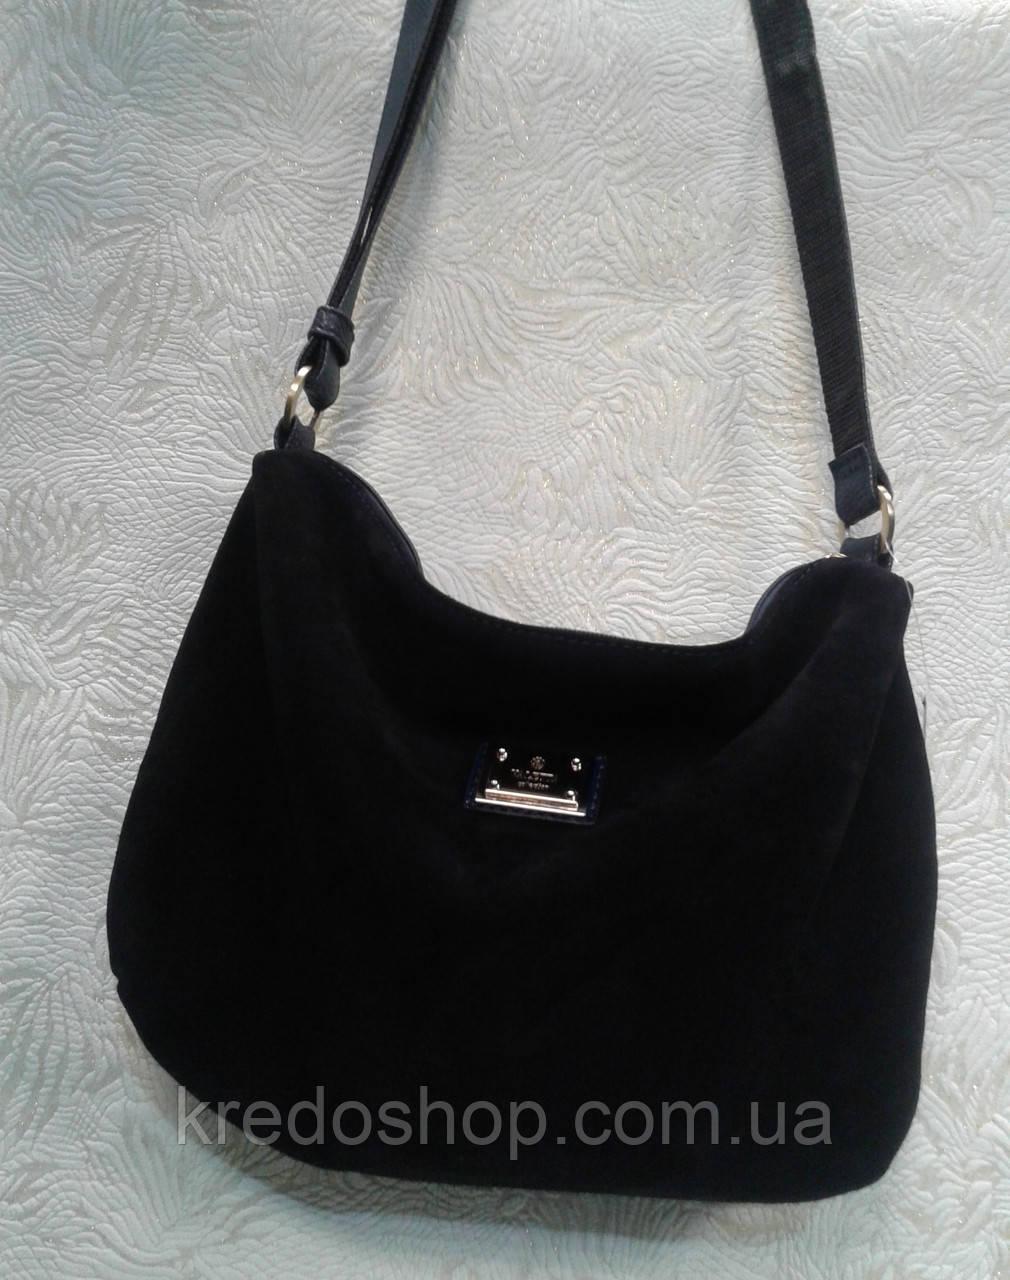 523b0736d2f0 Женская сумочка-клатч синяя замшевая на плечо - Интернет-магазин сумок и  аксессуаров